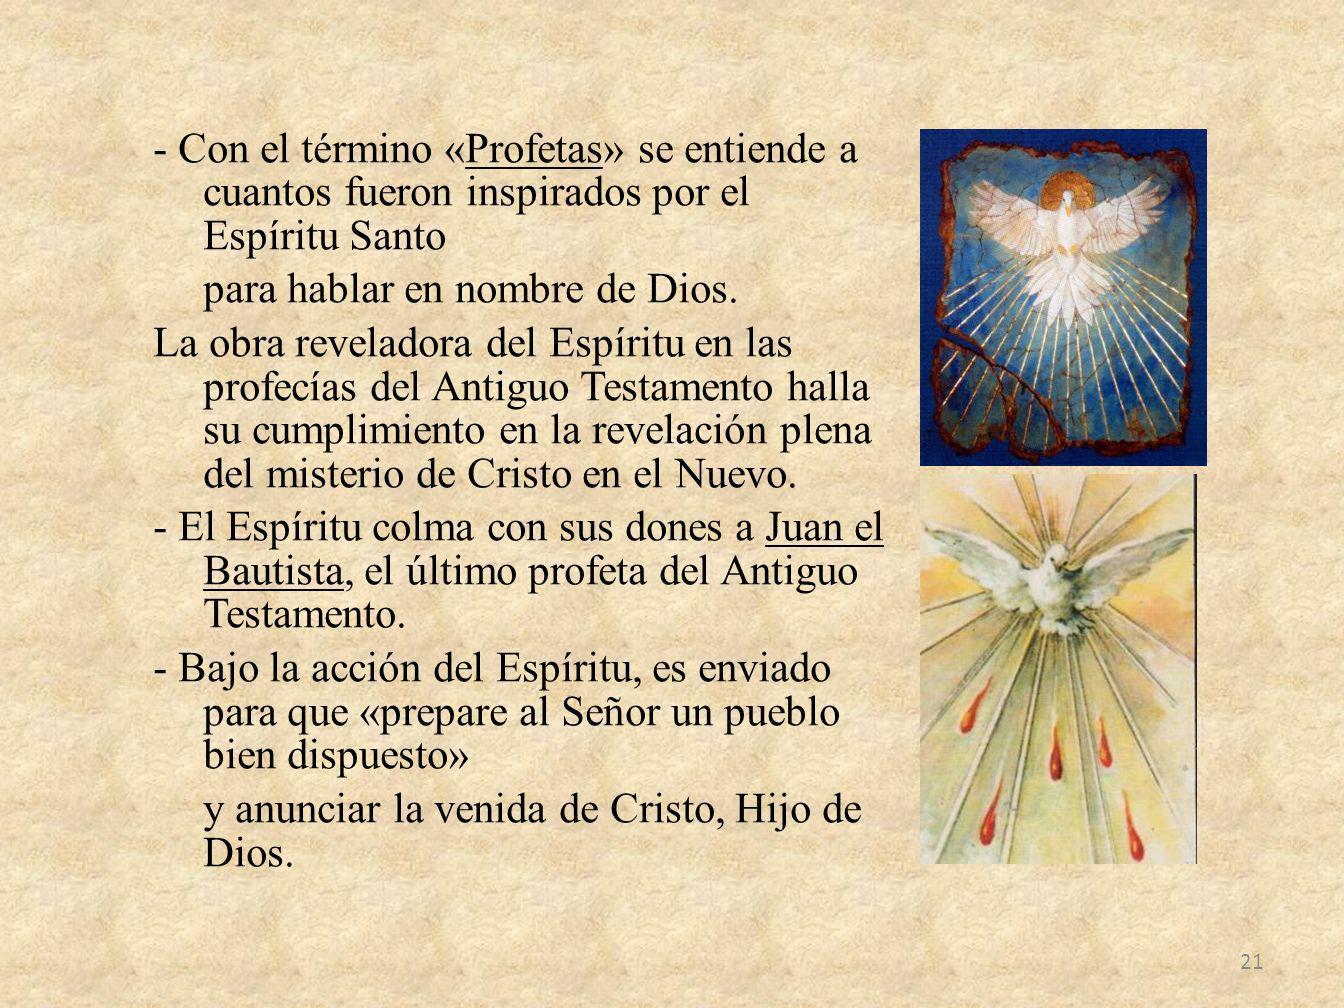 - Con el término «Profetas» se entiende a cuantos fueron inspirados por el Espíritu Santo para hablar en nombre de Dios.